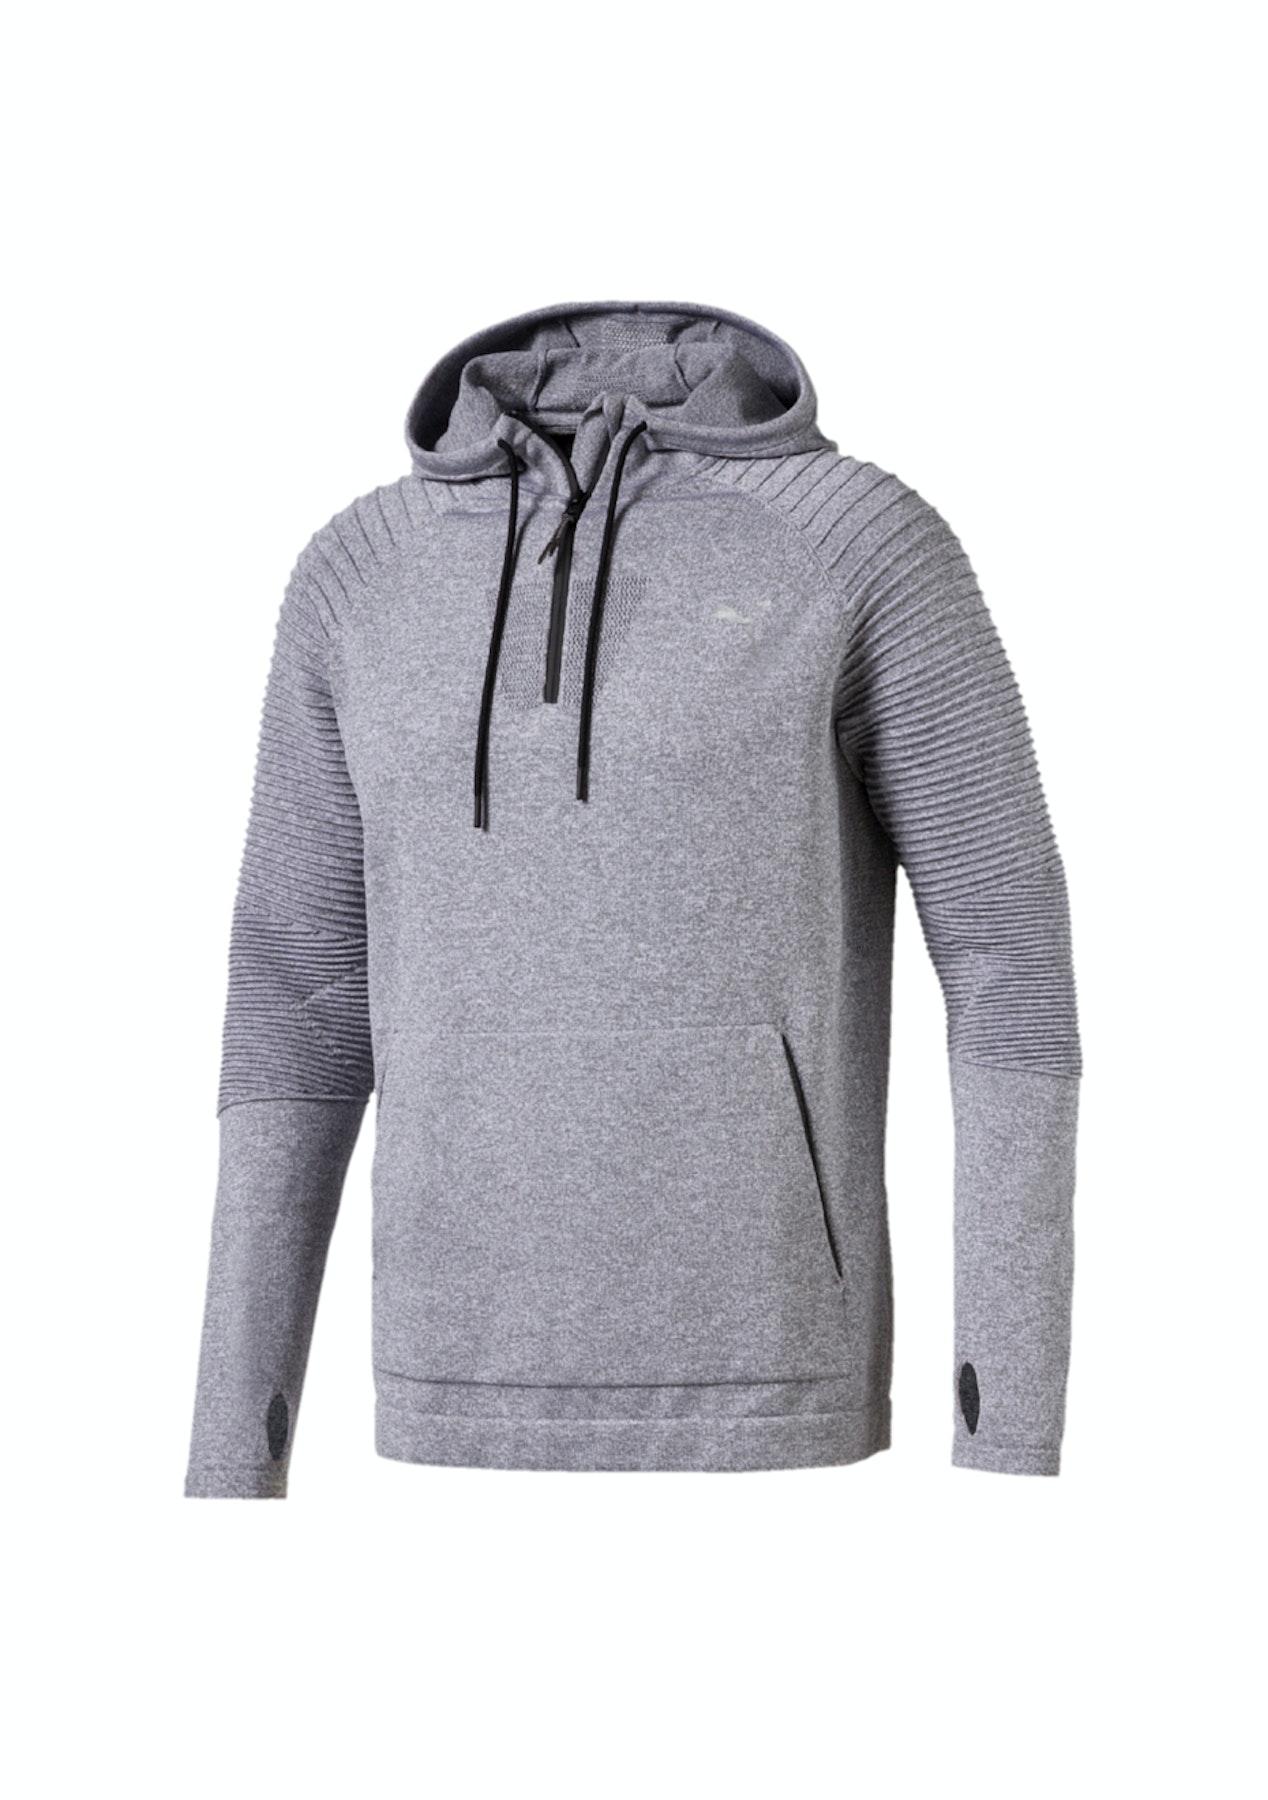 e6ace898263d Puma - Mens Evoknit Energy 1 2 Zip Grey - Big Brand Mens Picks - Onceit